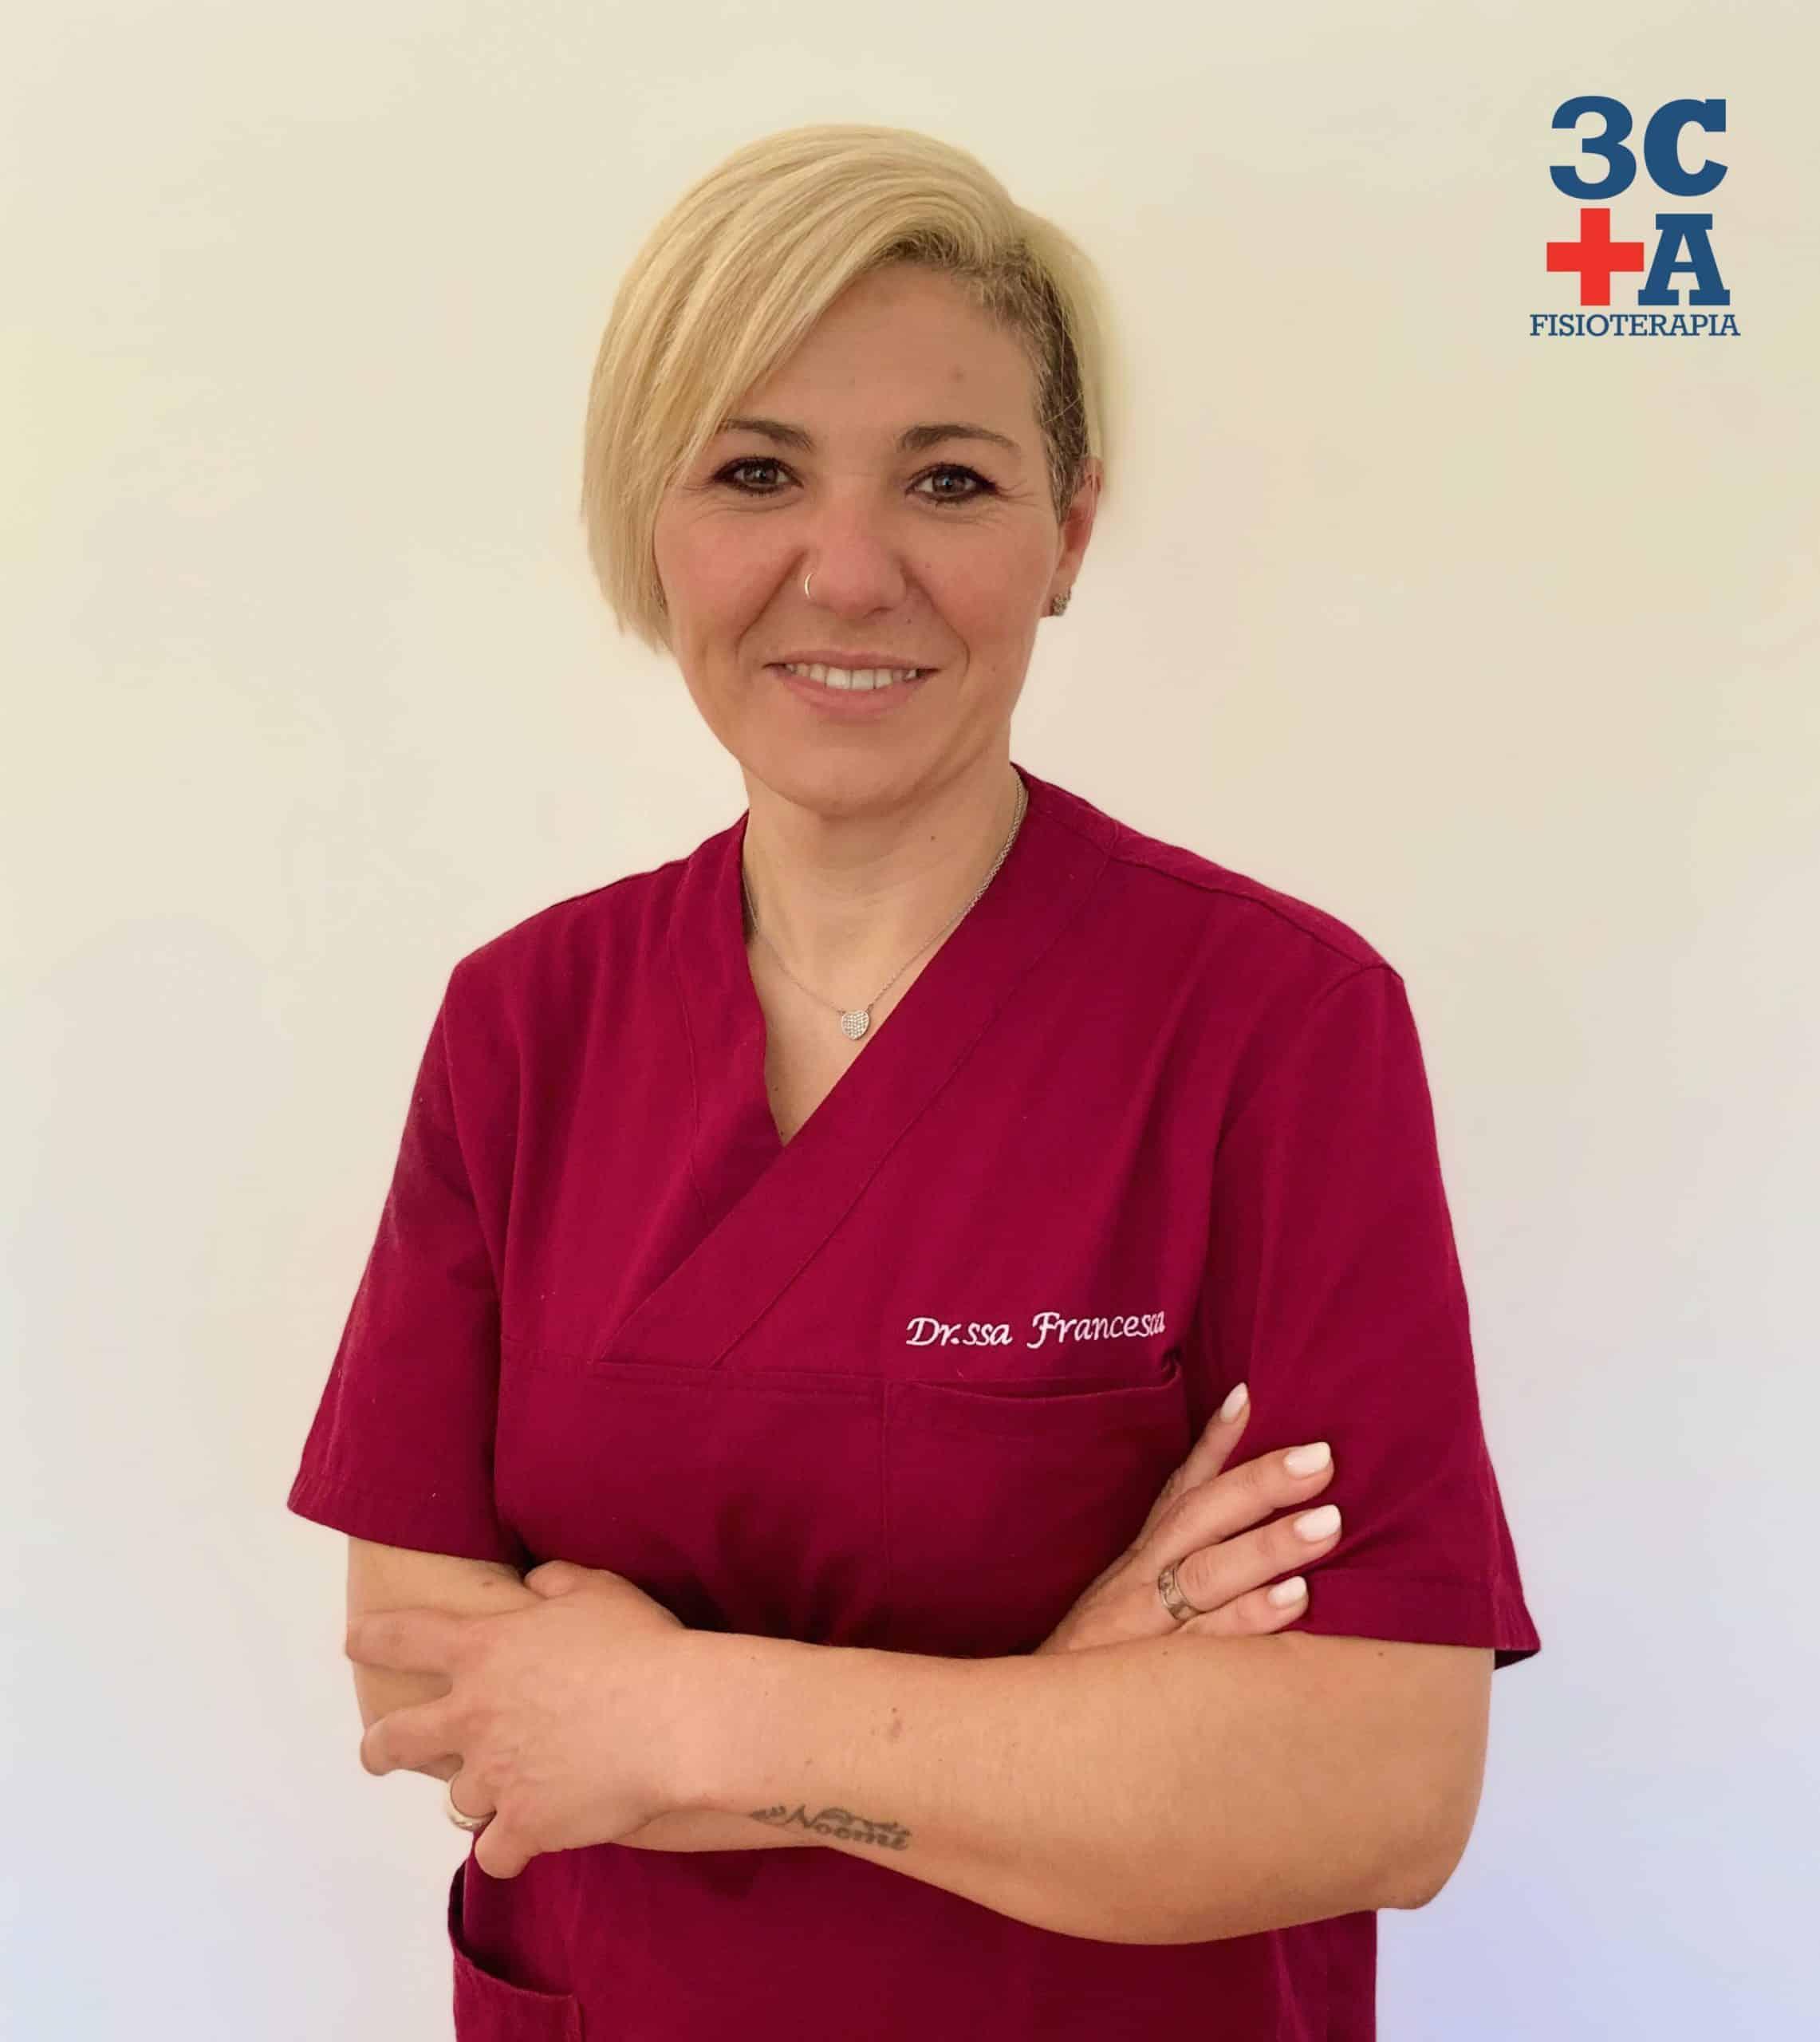 Staff 3C+A Dr.ssa Francesca